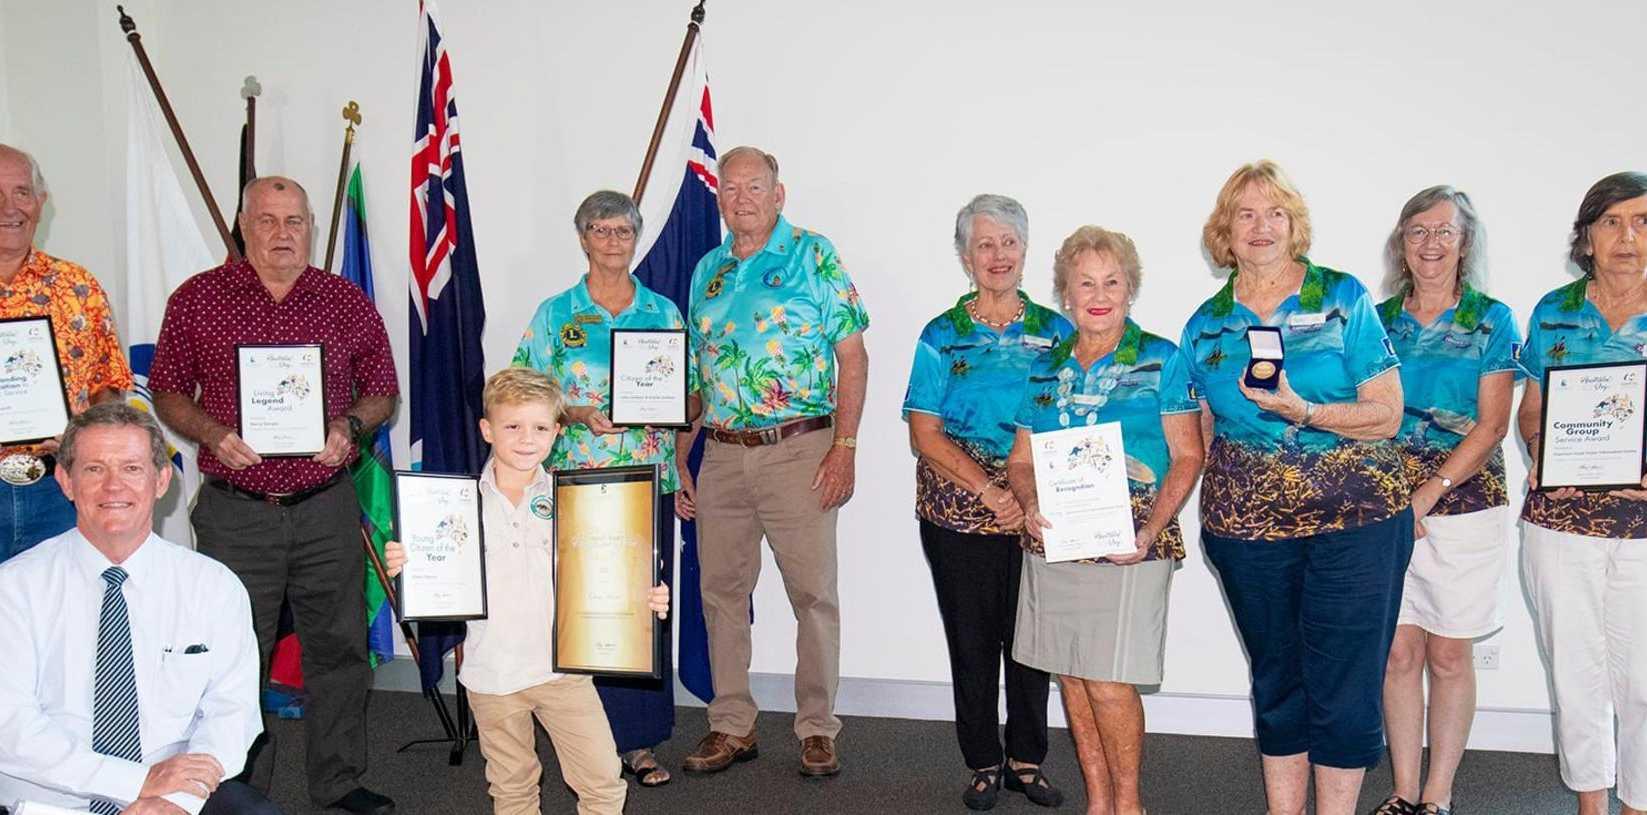 Livingstone Shire mayor Andy Ireland with Australia Day award recipients.